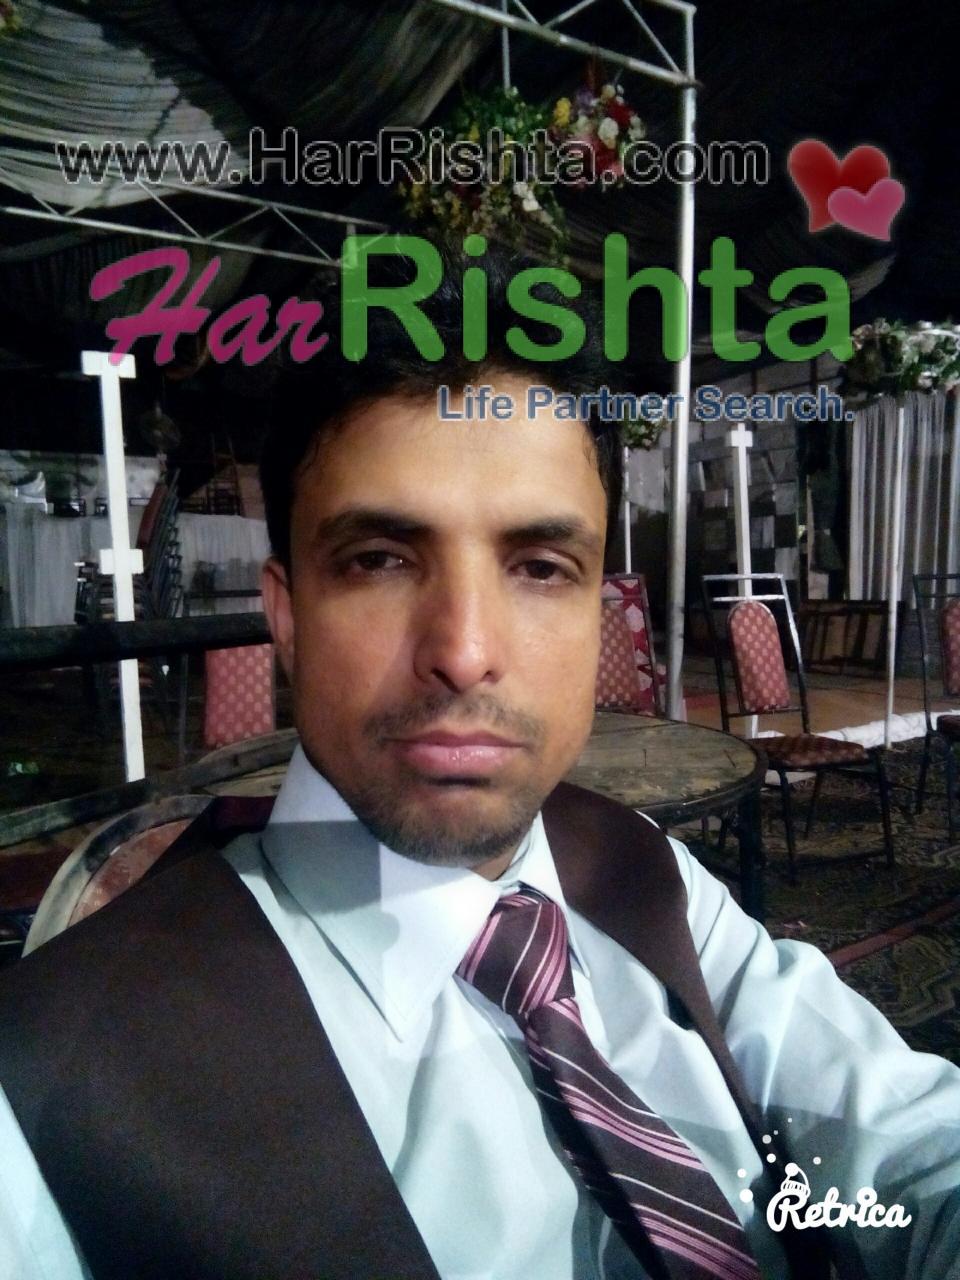 Chaudhry Boy Rishta in Rawalpindi